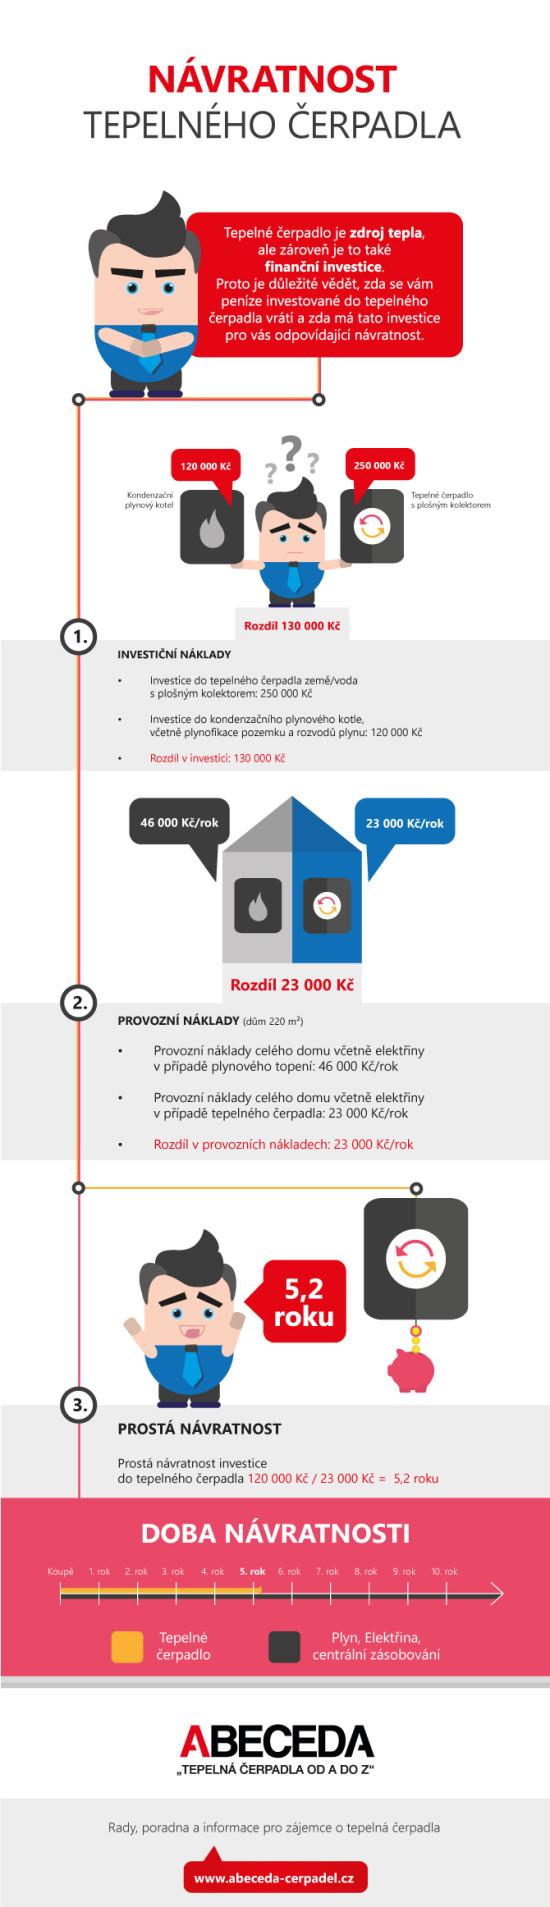 navratnost-tepelneho-cerpadla-infografika